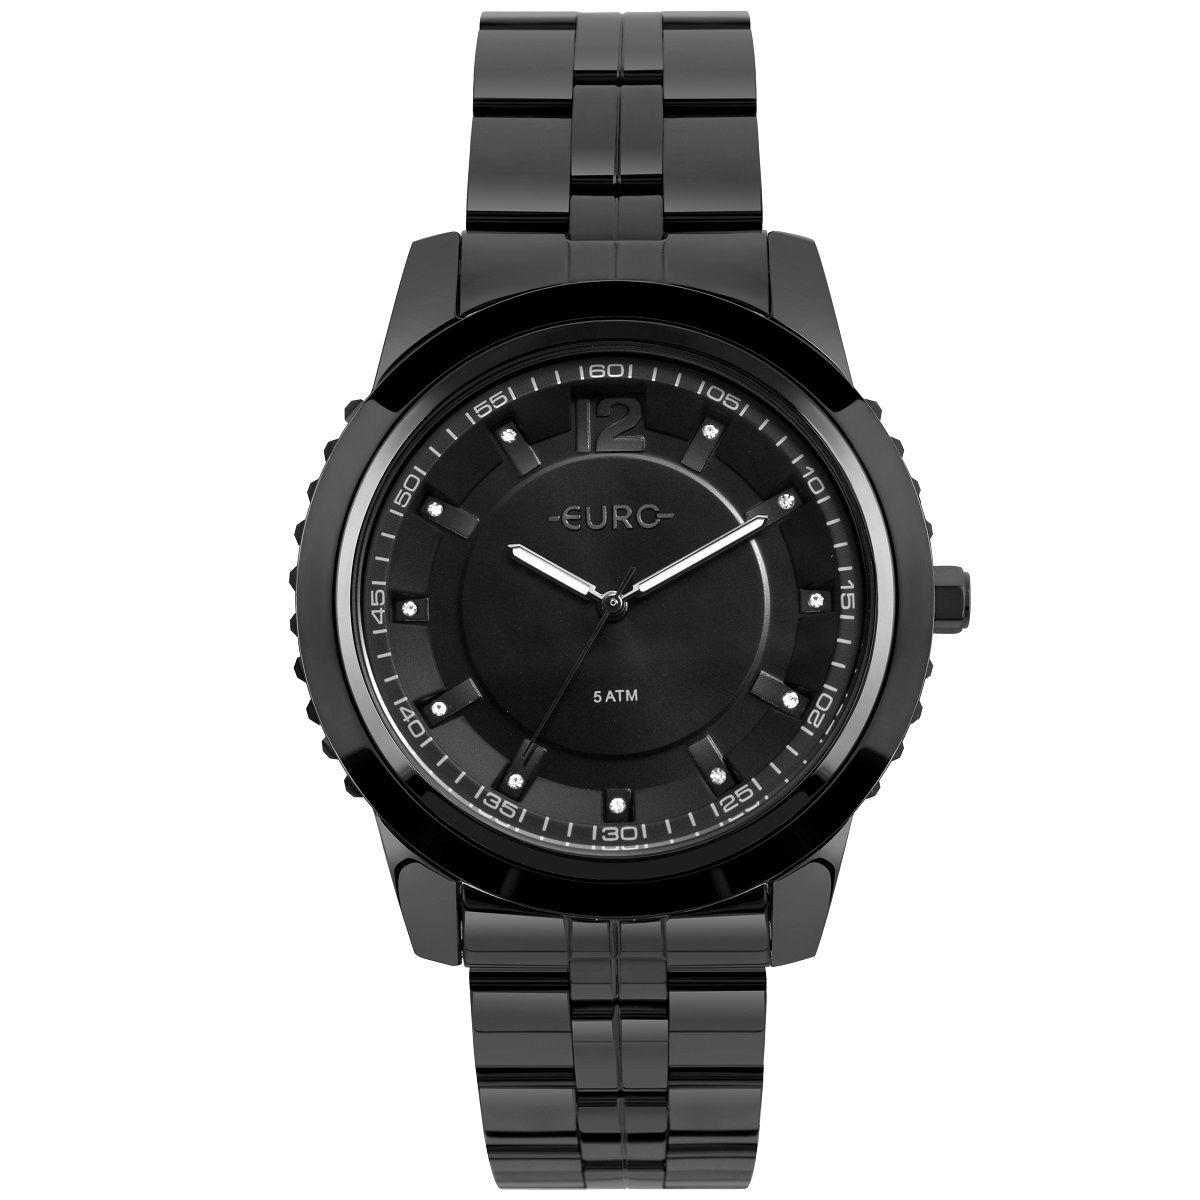 Relógio Feminino Euro Metal Glam EU2035YOF/4P 45mm Aço Preto